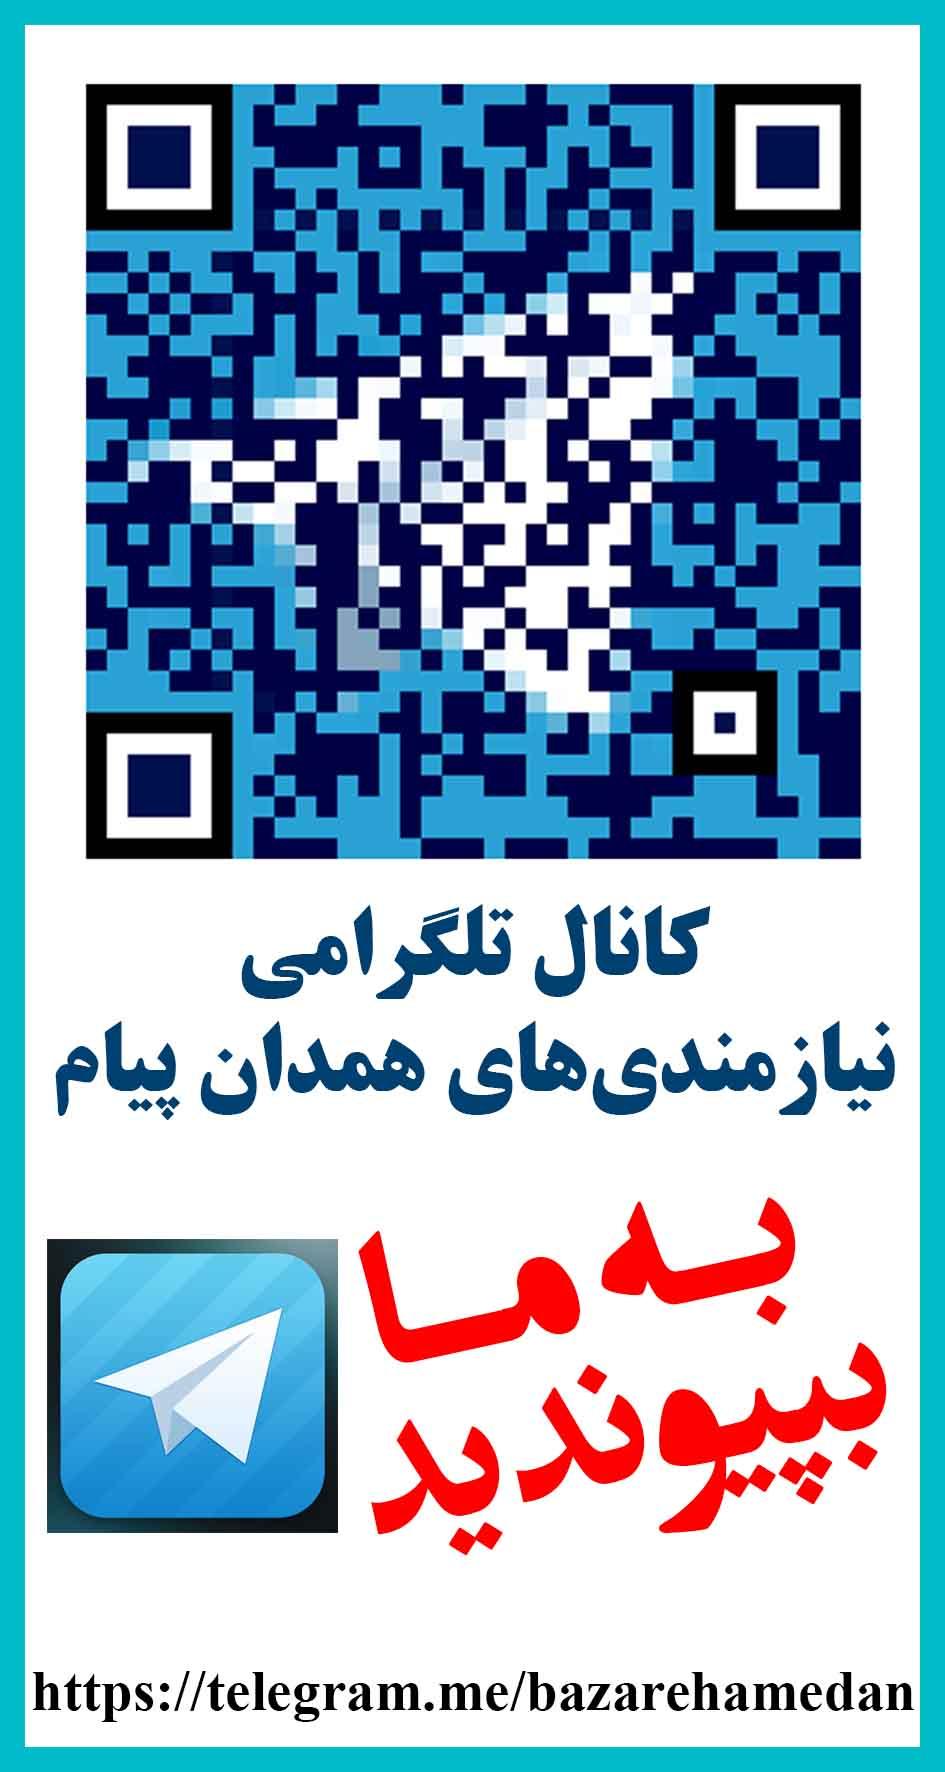 تلگرام نیازمندی